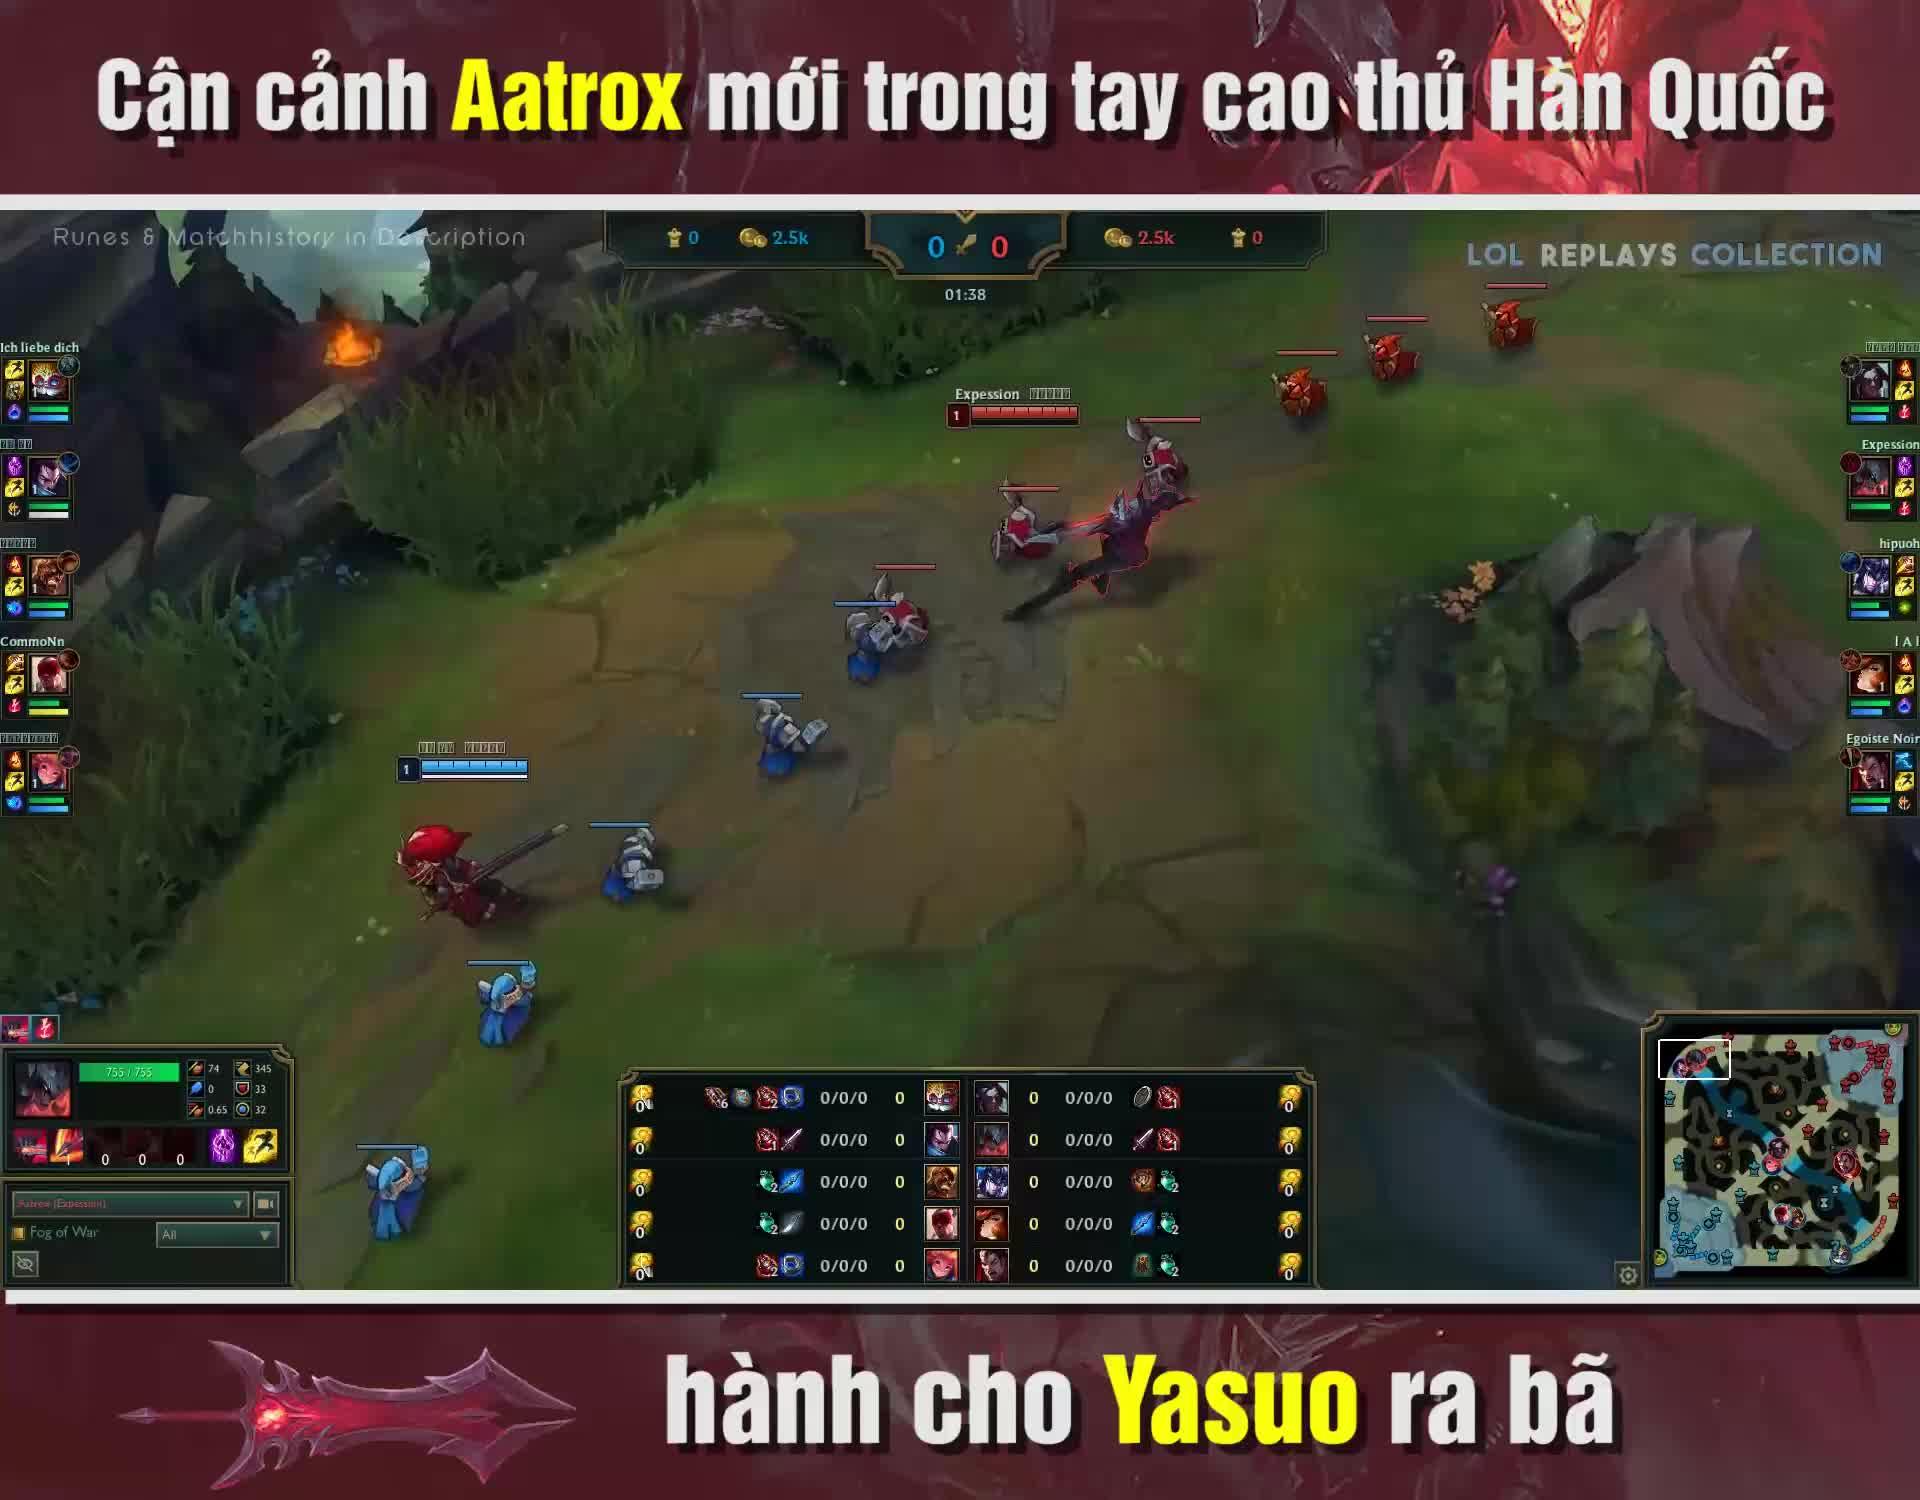 LMHT: Cận cảnh Aatrox mới trong tay cao thủ Hàn Quốc, hành cho Yasuo ra bã